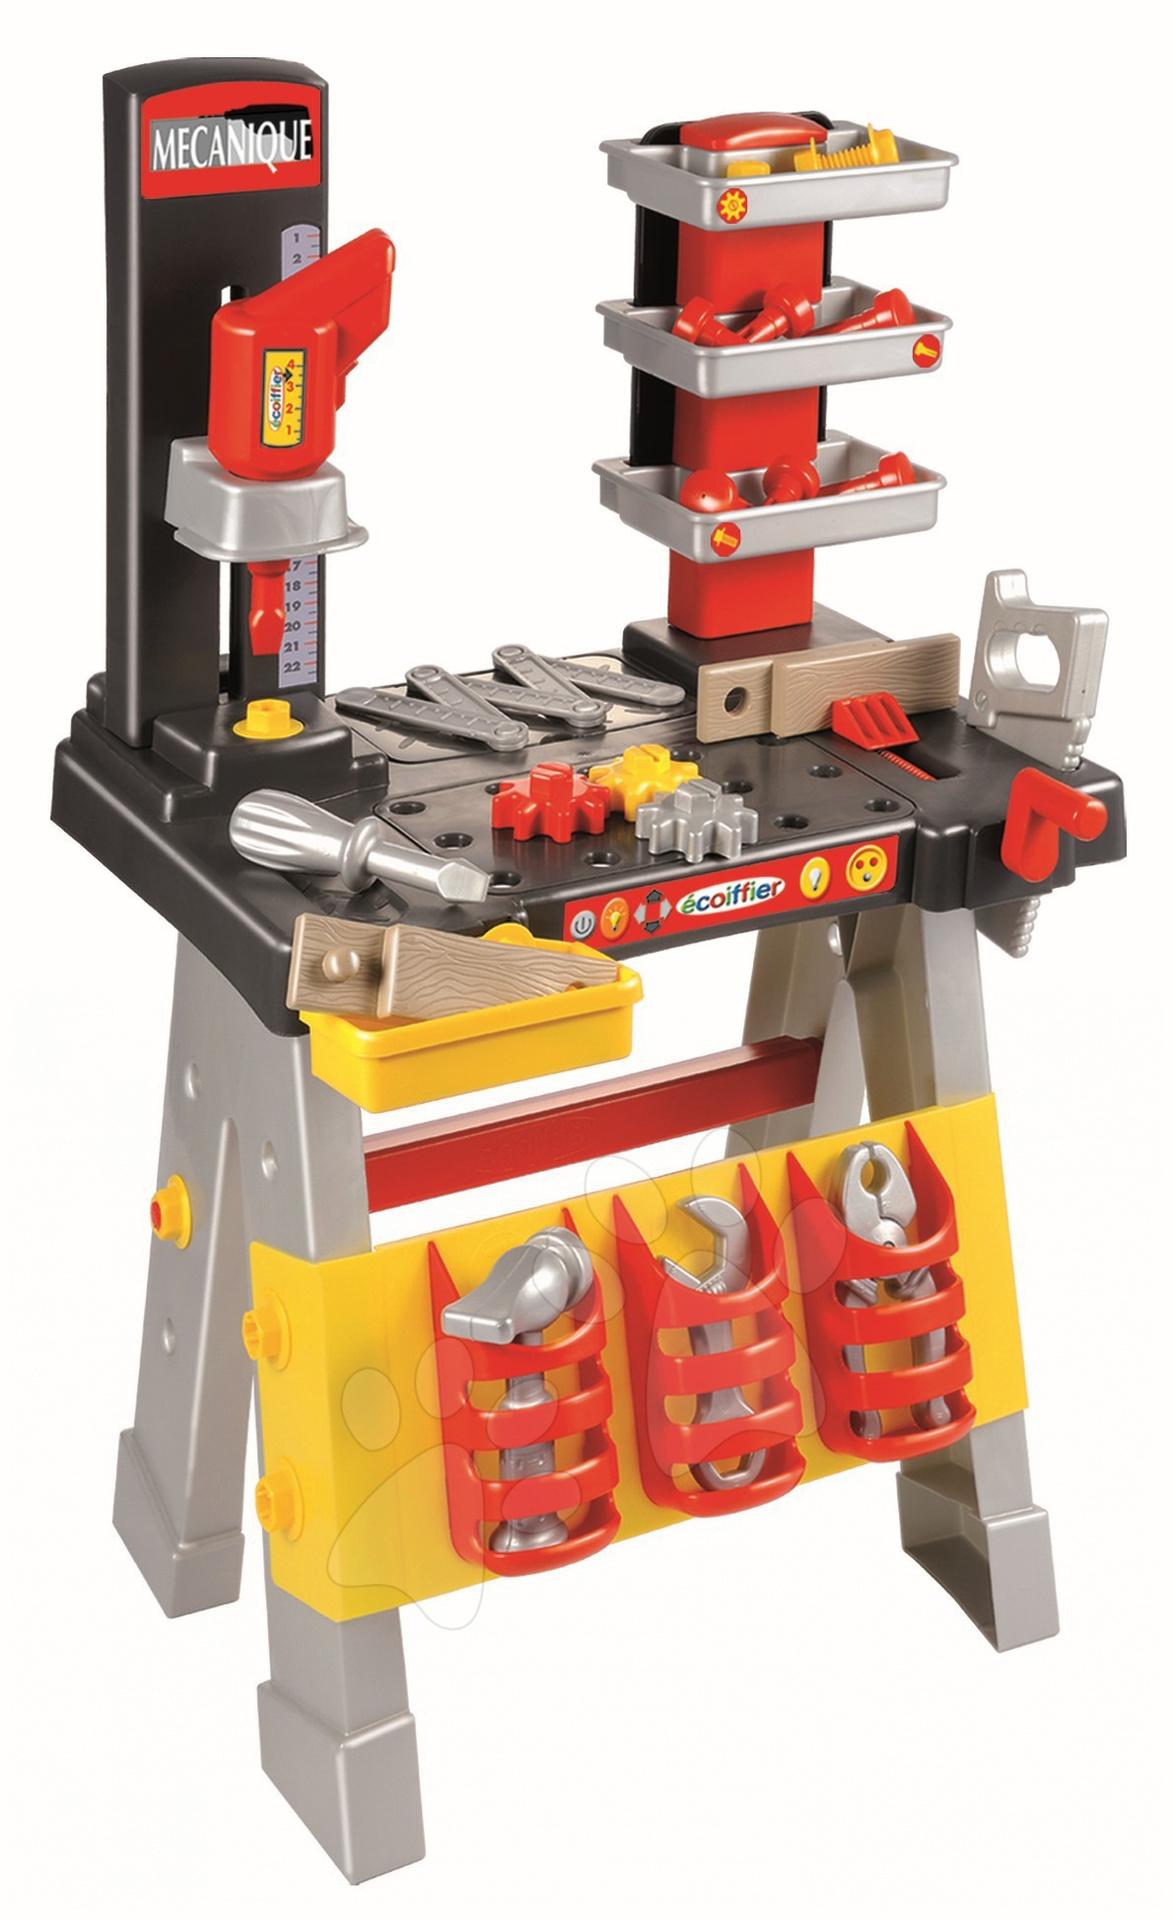 Szerelőasztal Mecanique fúróval és szerszámokkal Écoiffier 40 db kiegészítővel